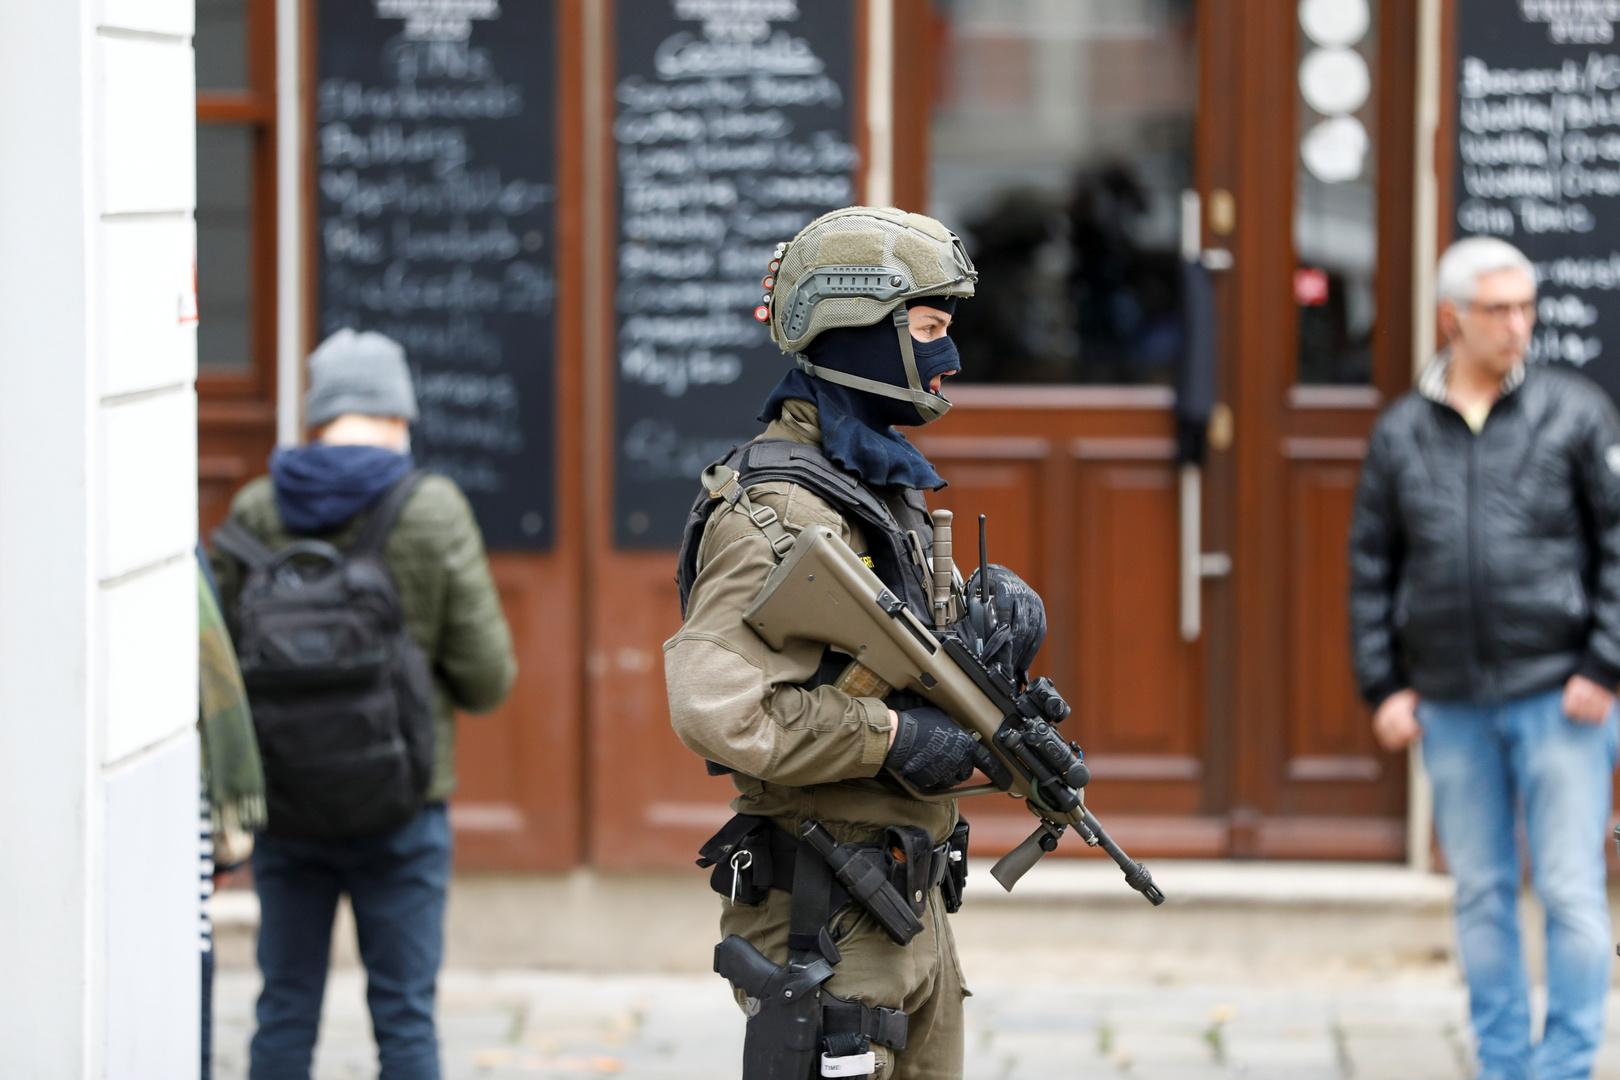 عنصر مسلح من القوات الخاصة النمساوية يحرس بالقرب من موقع هجوم مسلح في فيينا